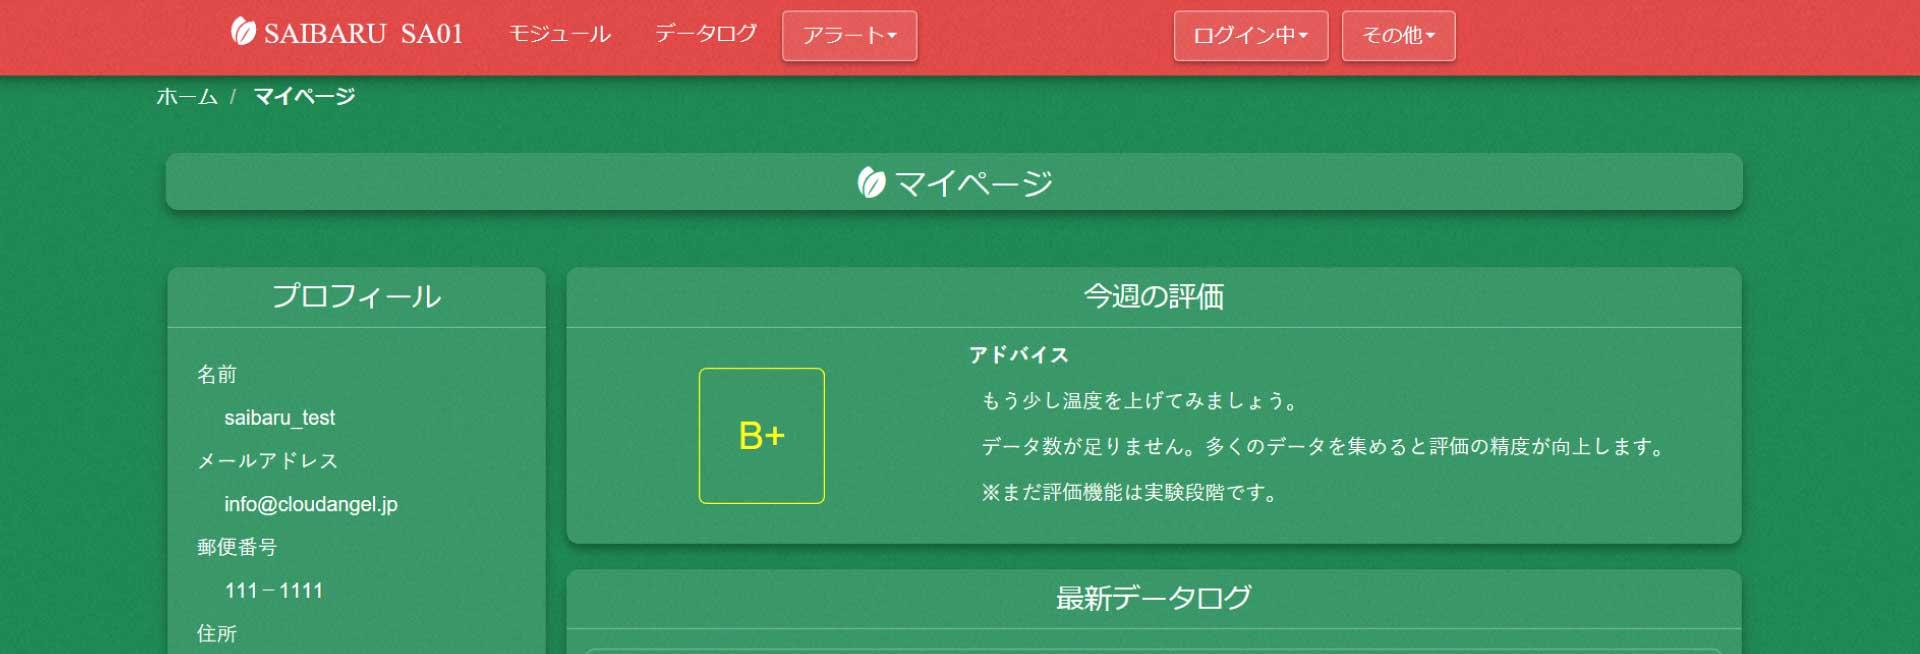 SAIBARU(水耕サポートシステム)